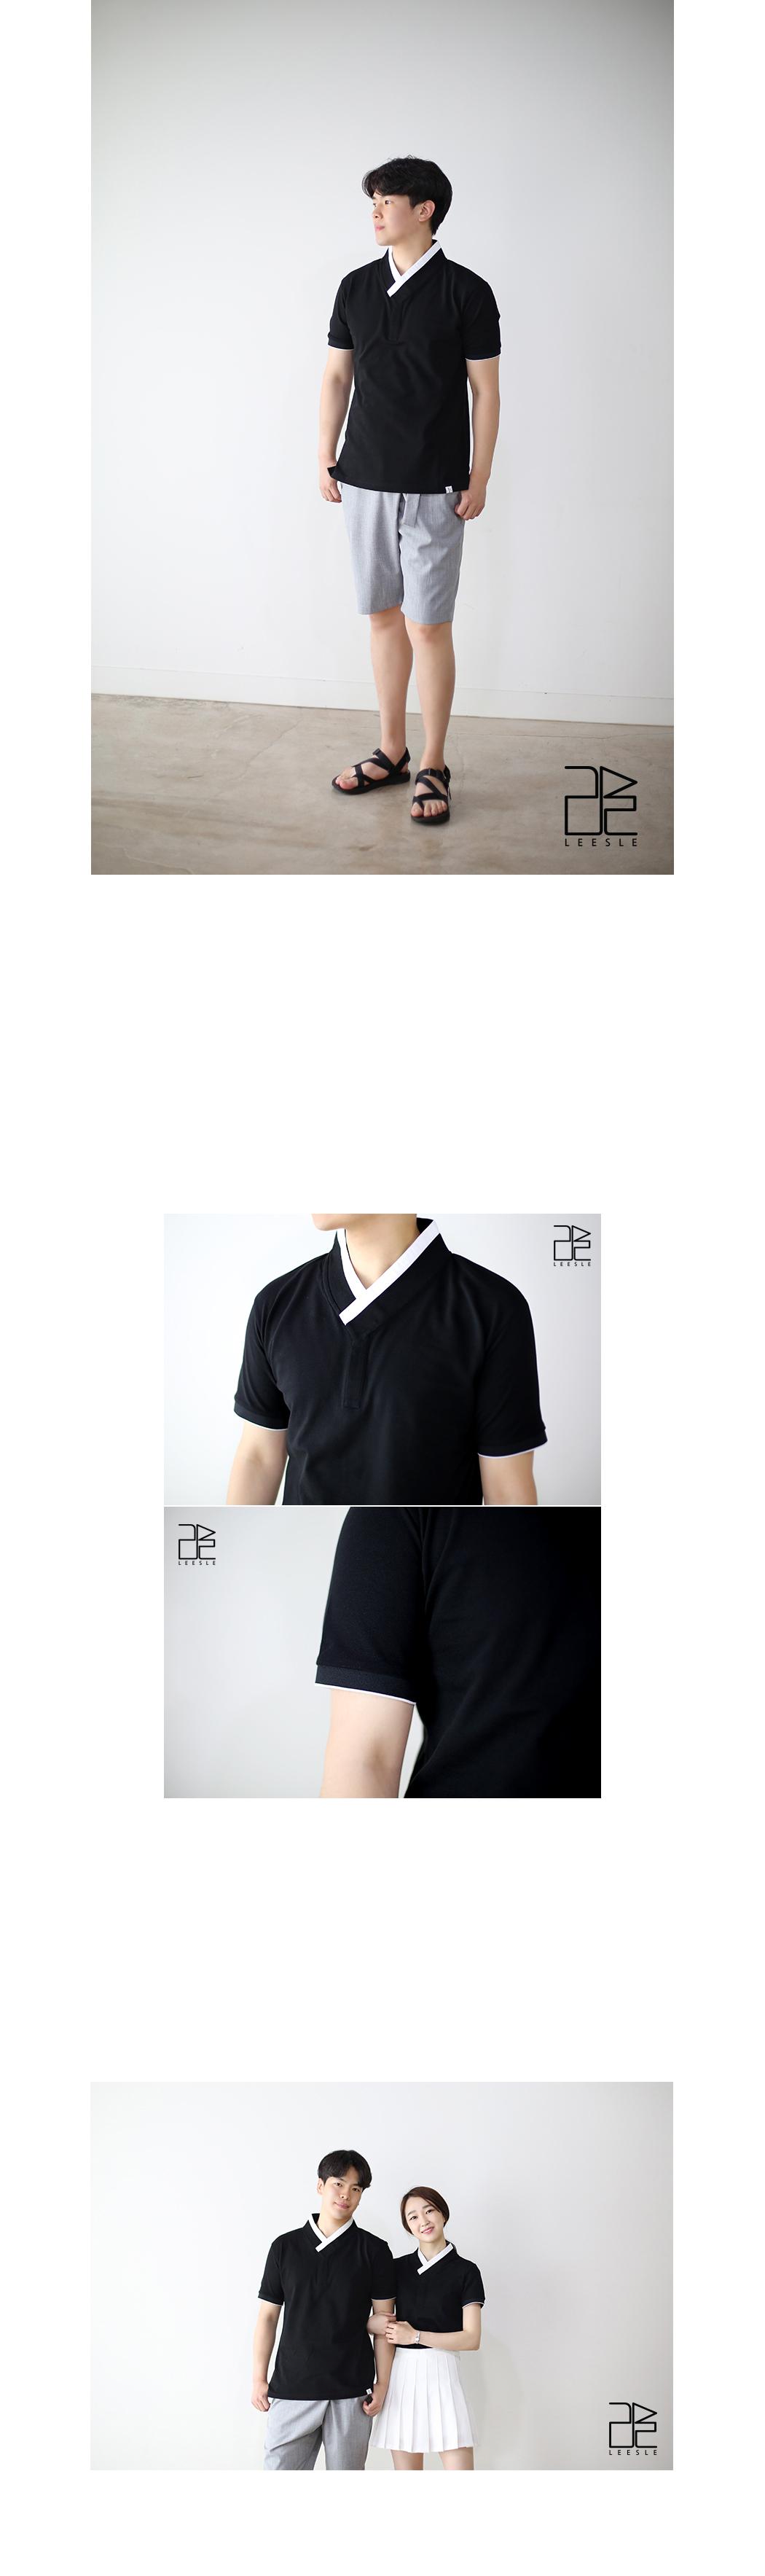 [ leesle ] PK 男人的韩服 T 恤-[黑色薄型]